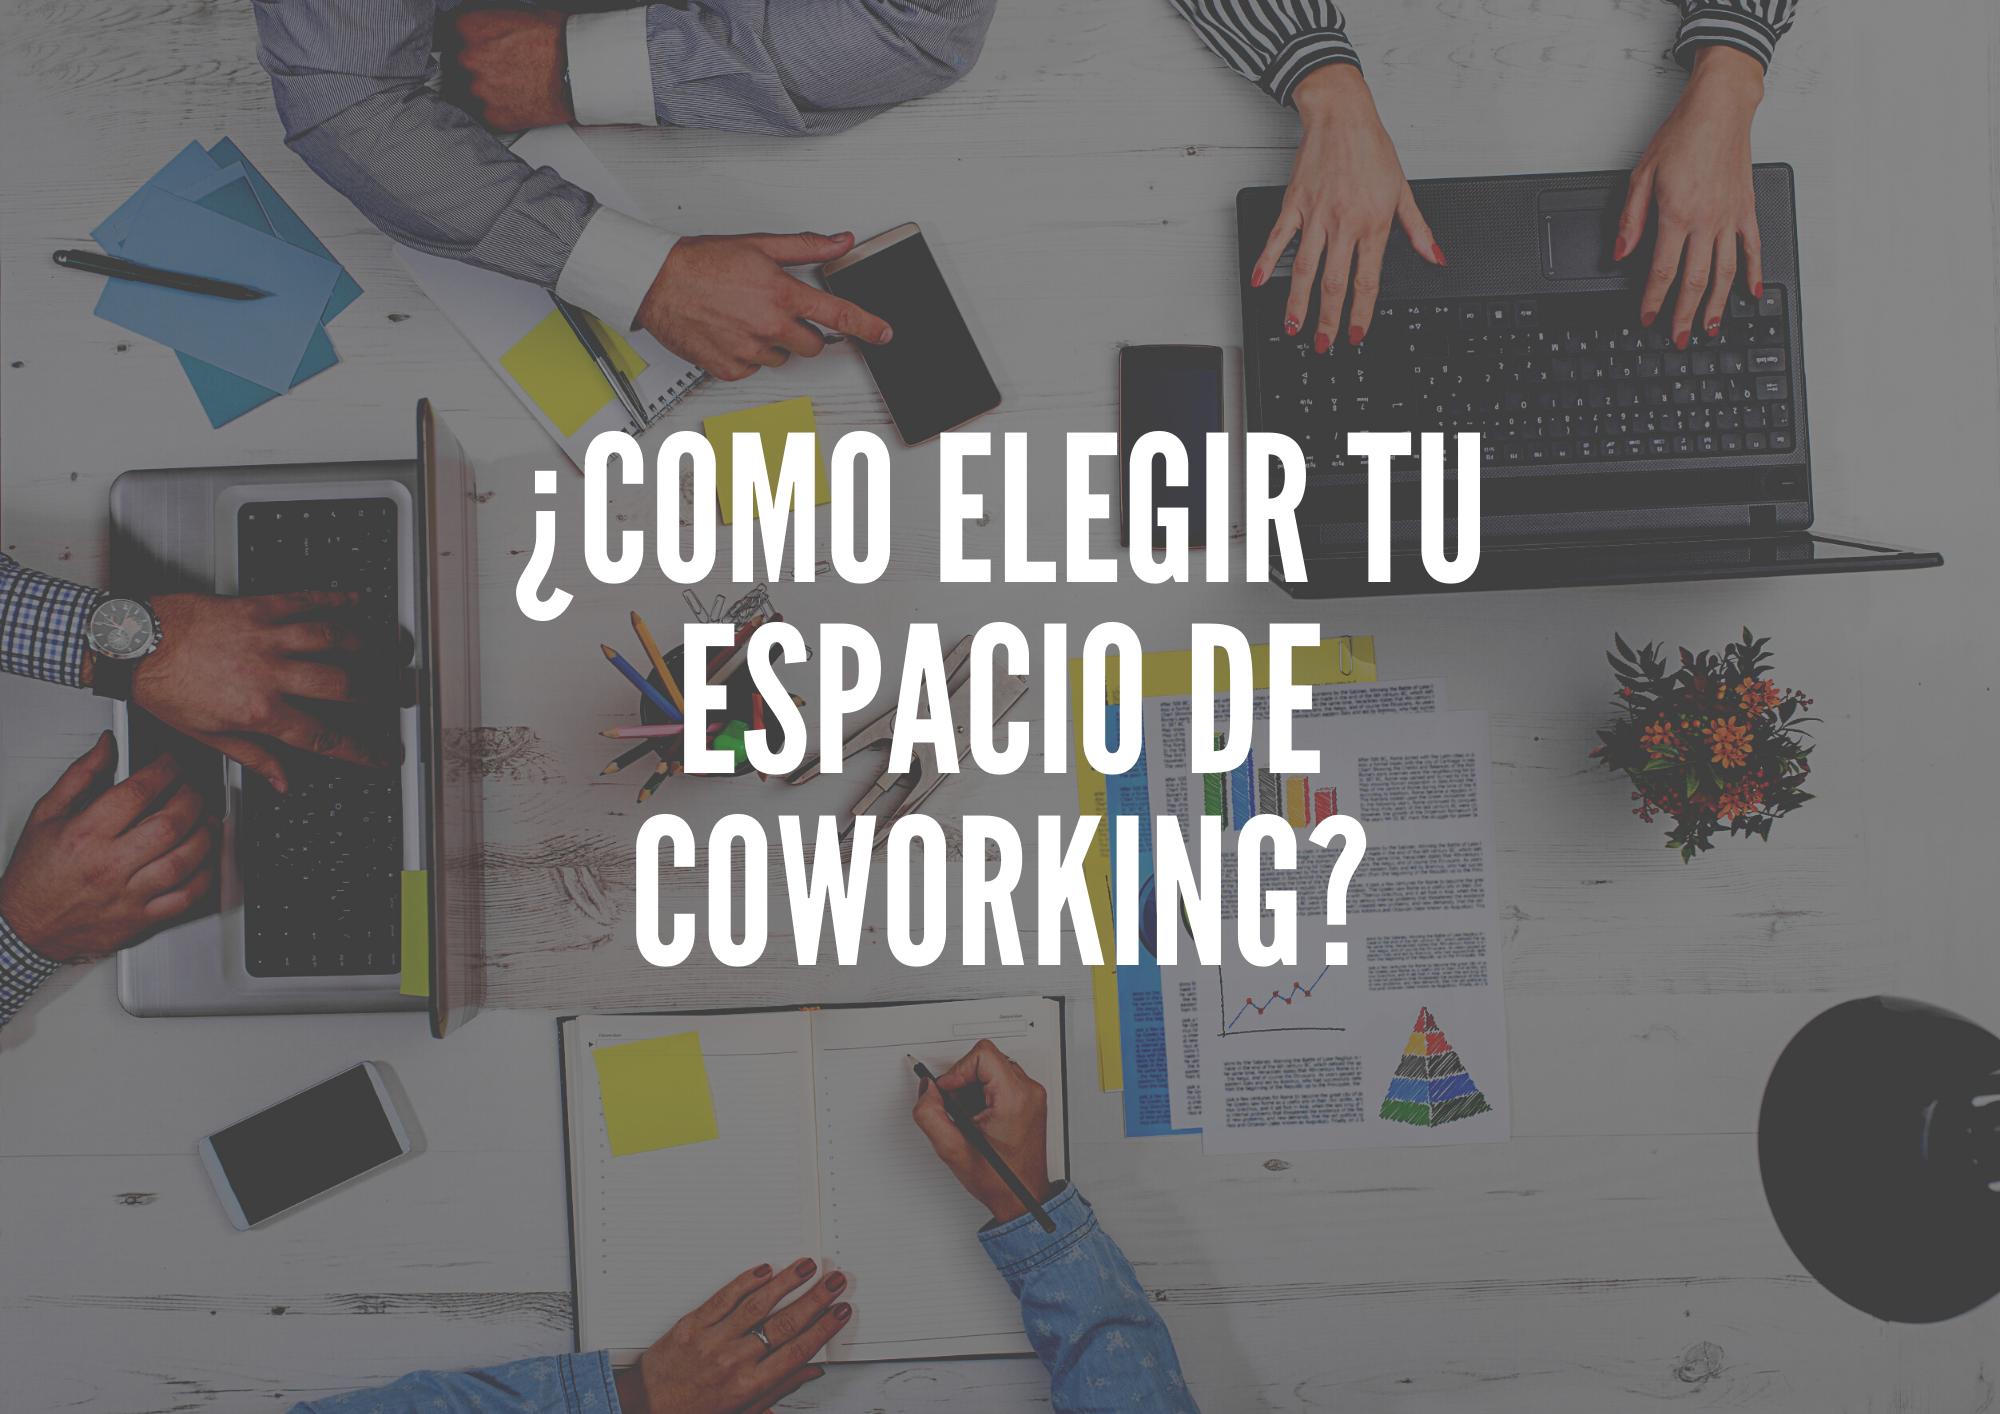 ¿COMO ELEGIR TU ESPACIO DE COWORKING?